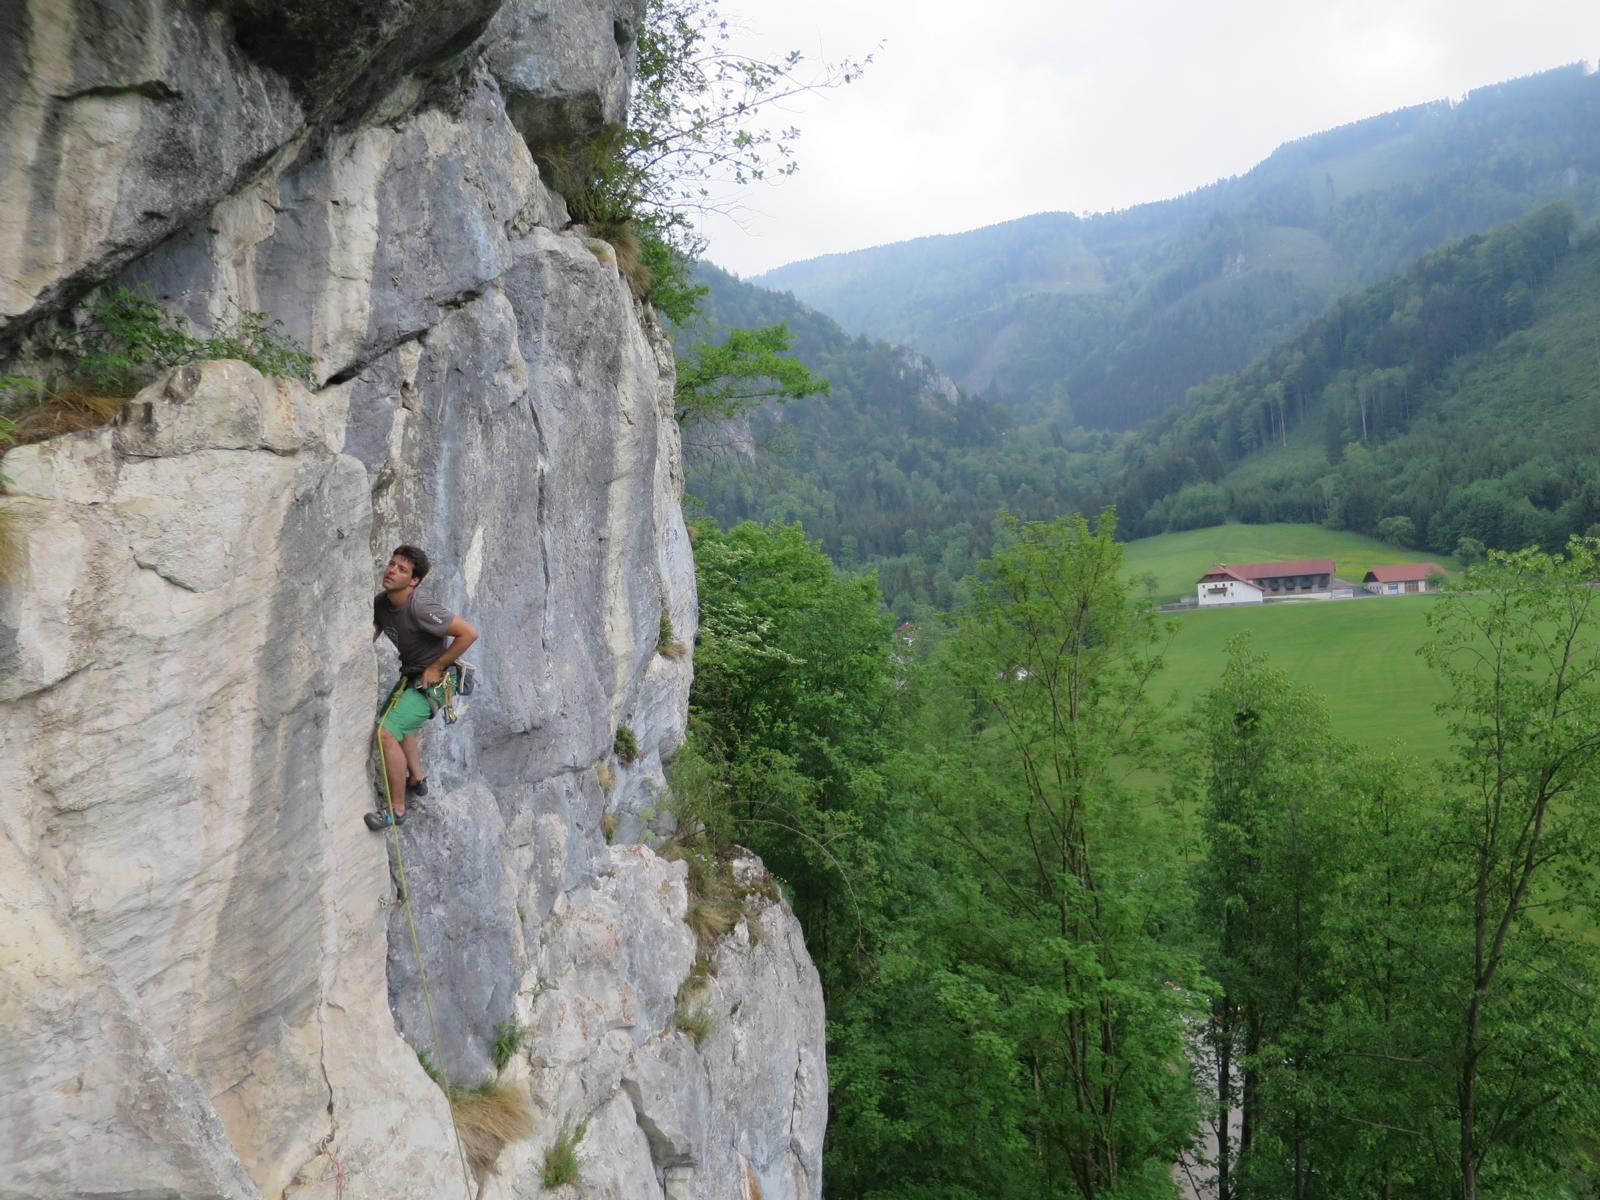 Kletterausrüstung Wien Kaufen : Weissensteinerwand bergsteigen.com